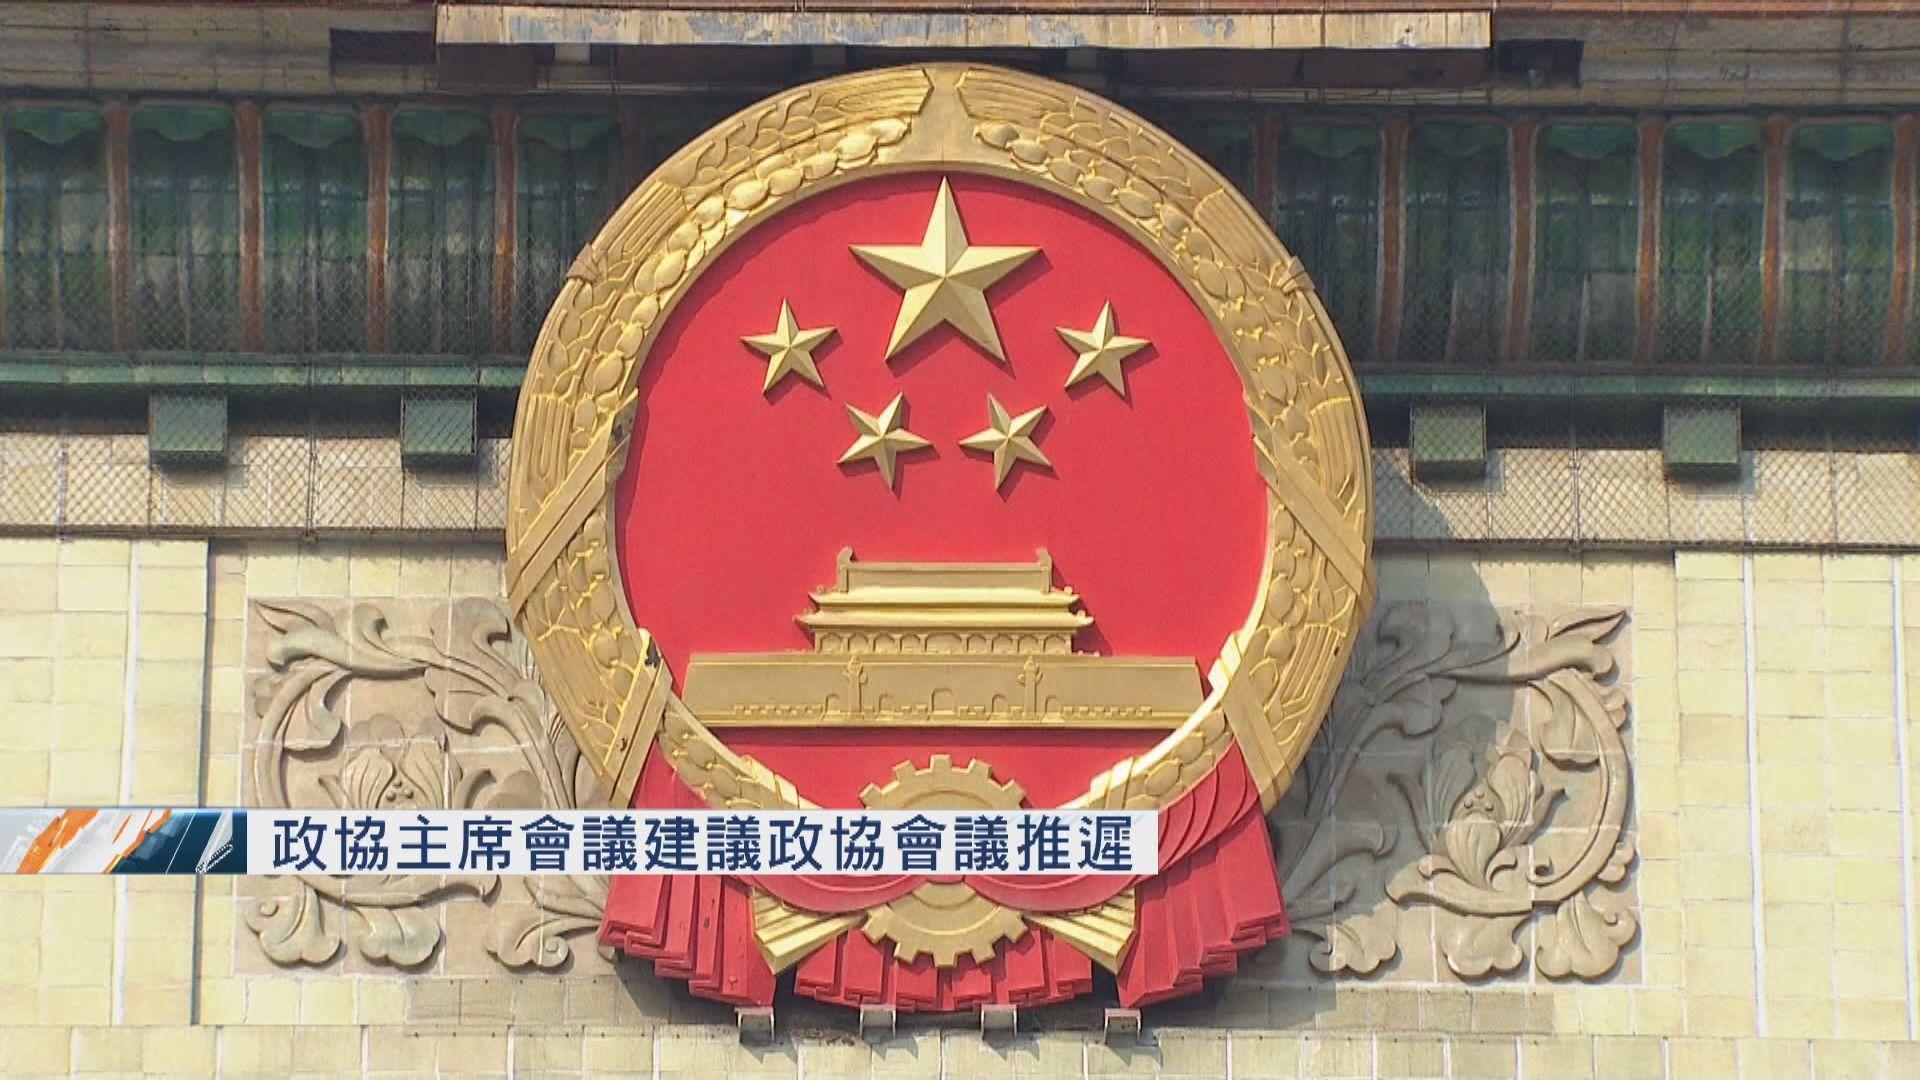 政協主席會議建議推遲全國政協會議